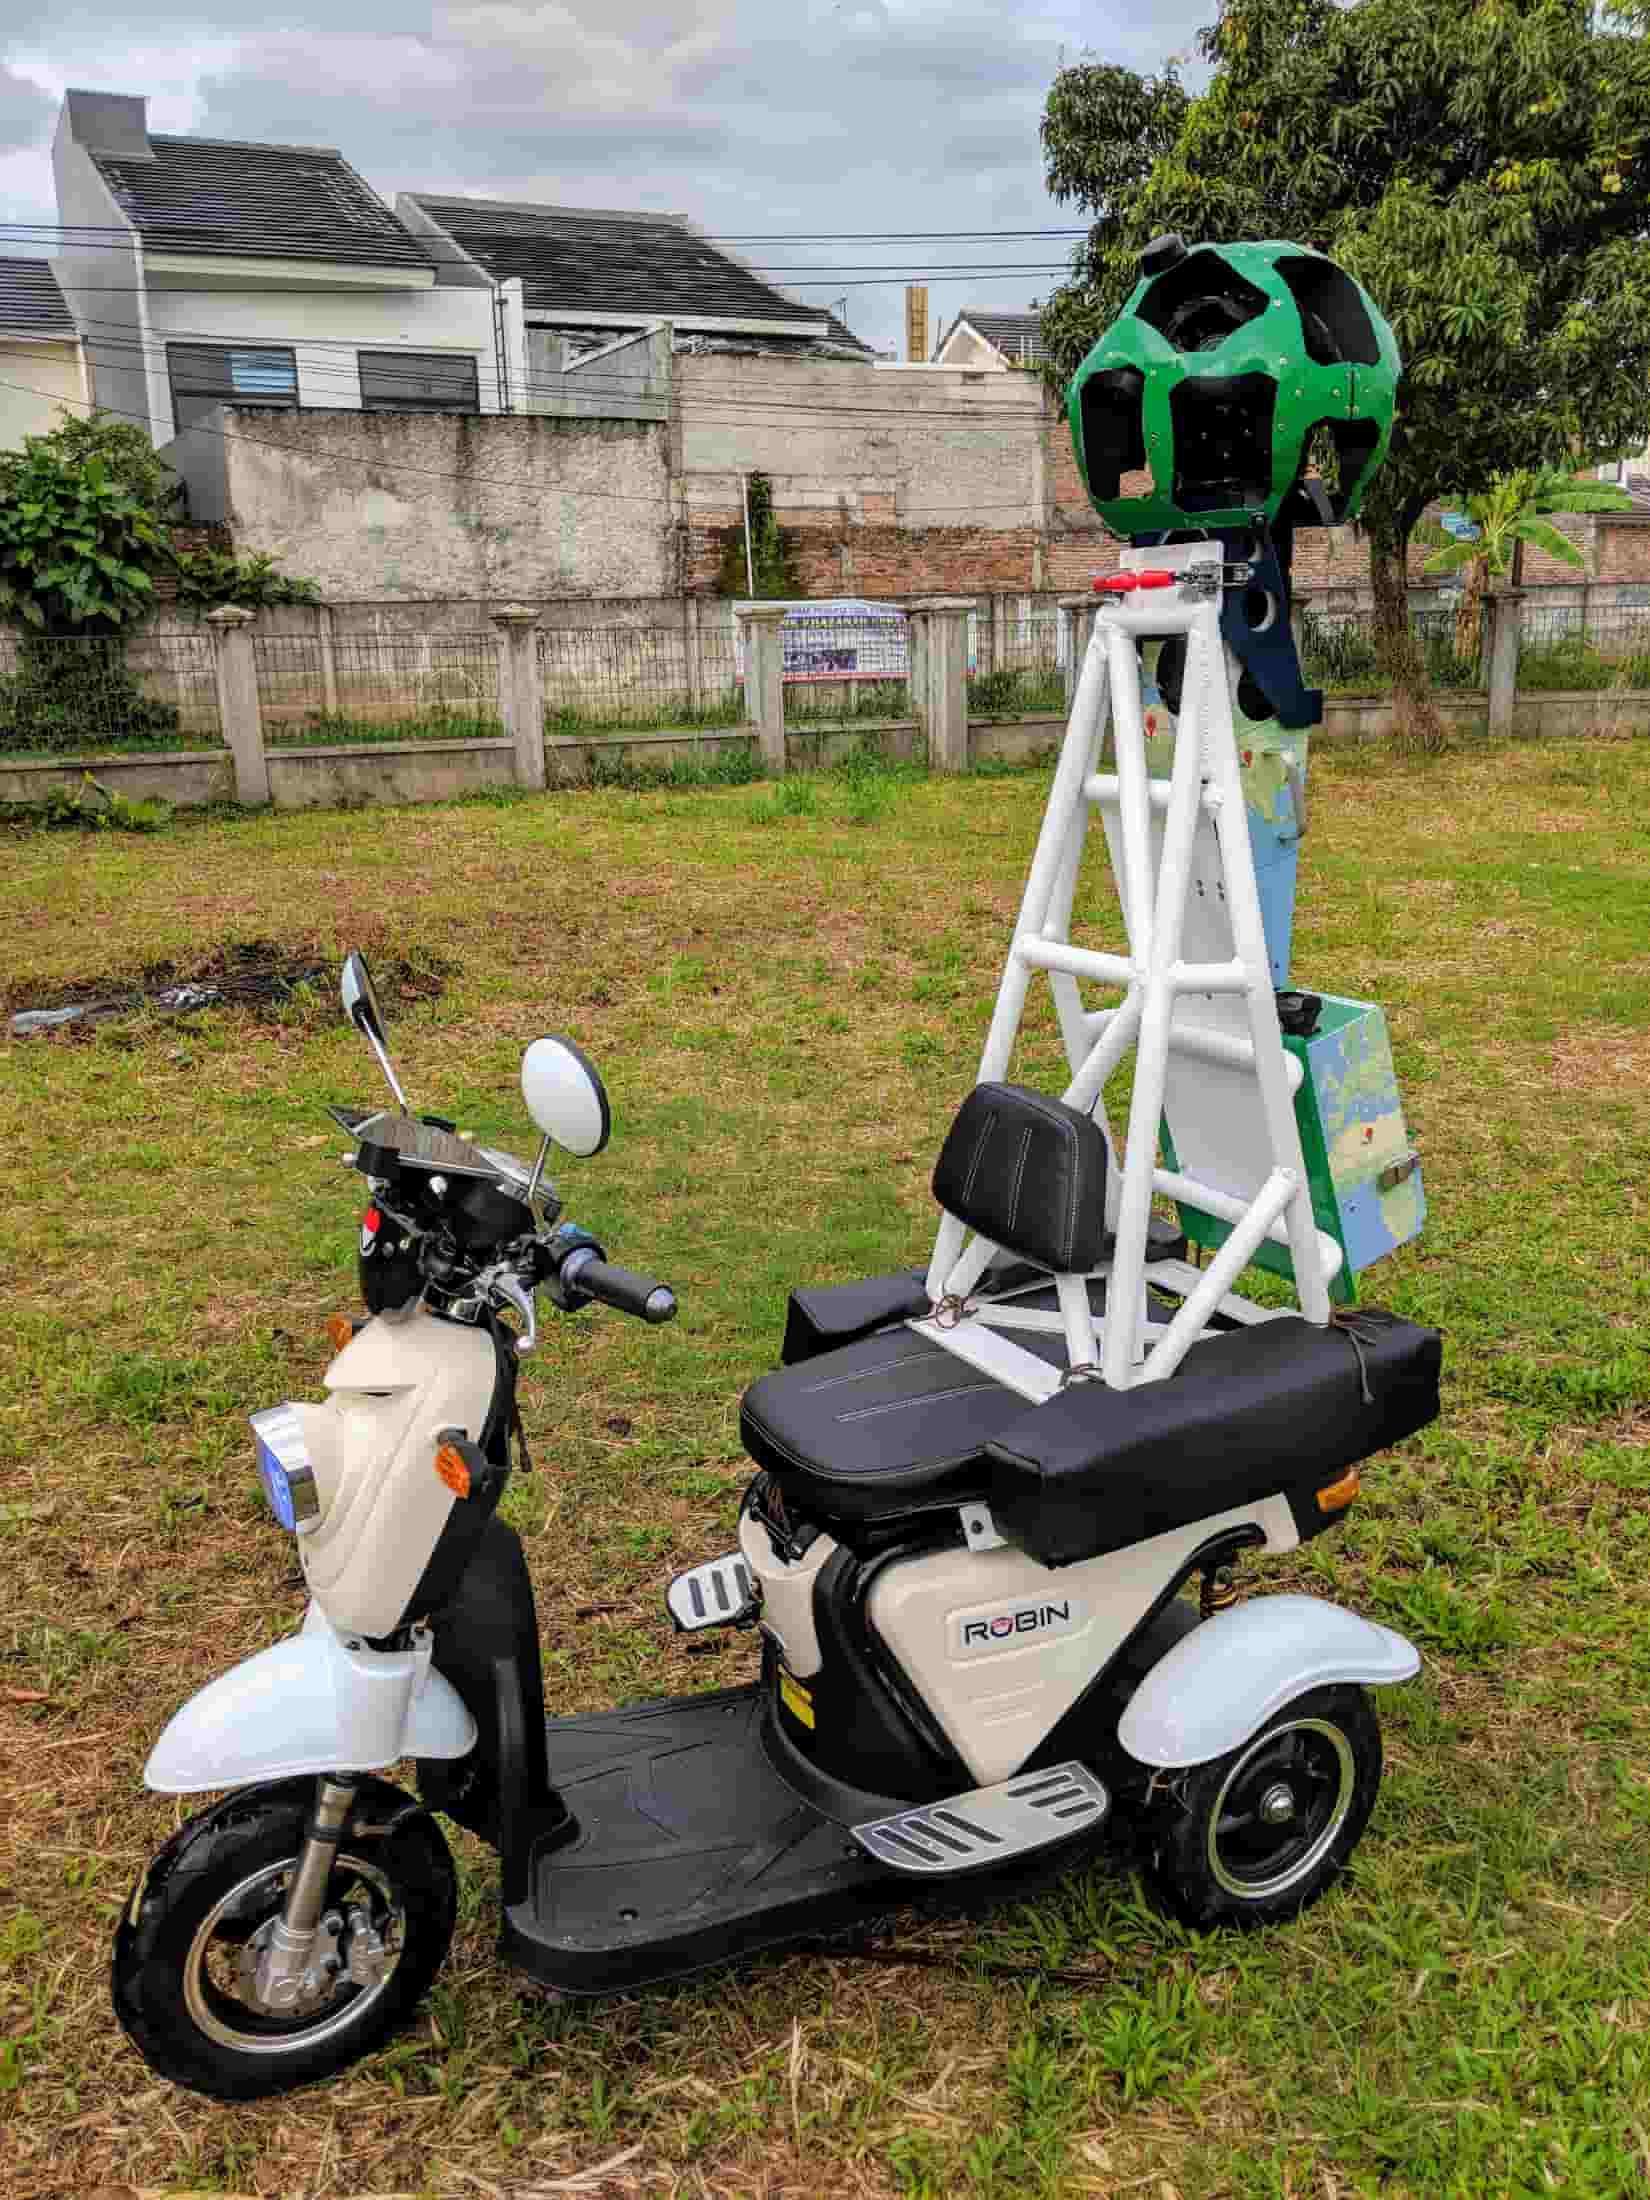 Street View 3-wheeler